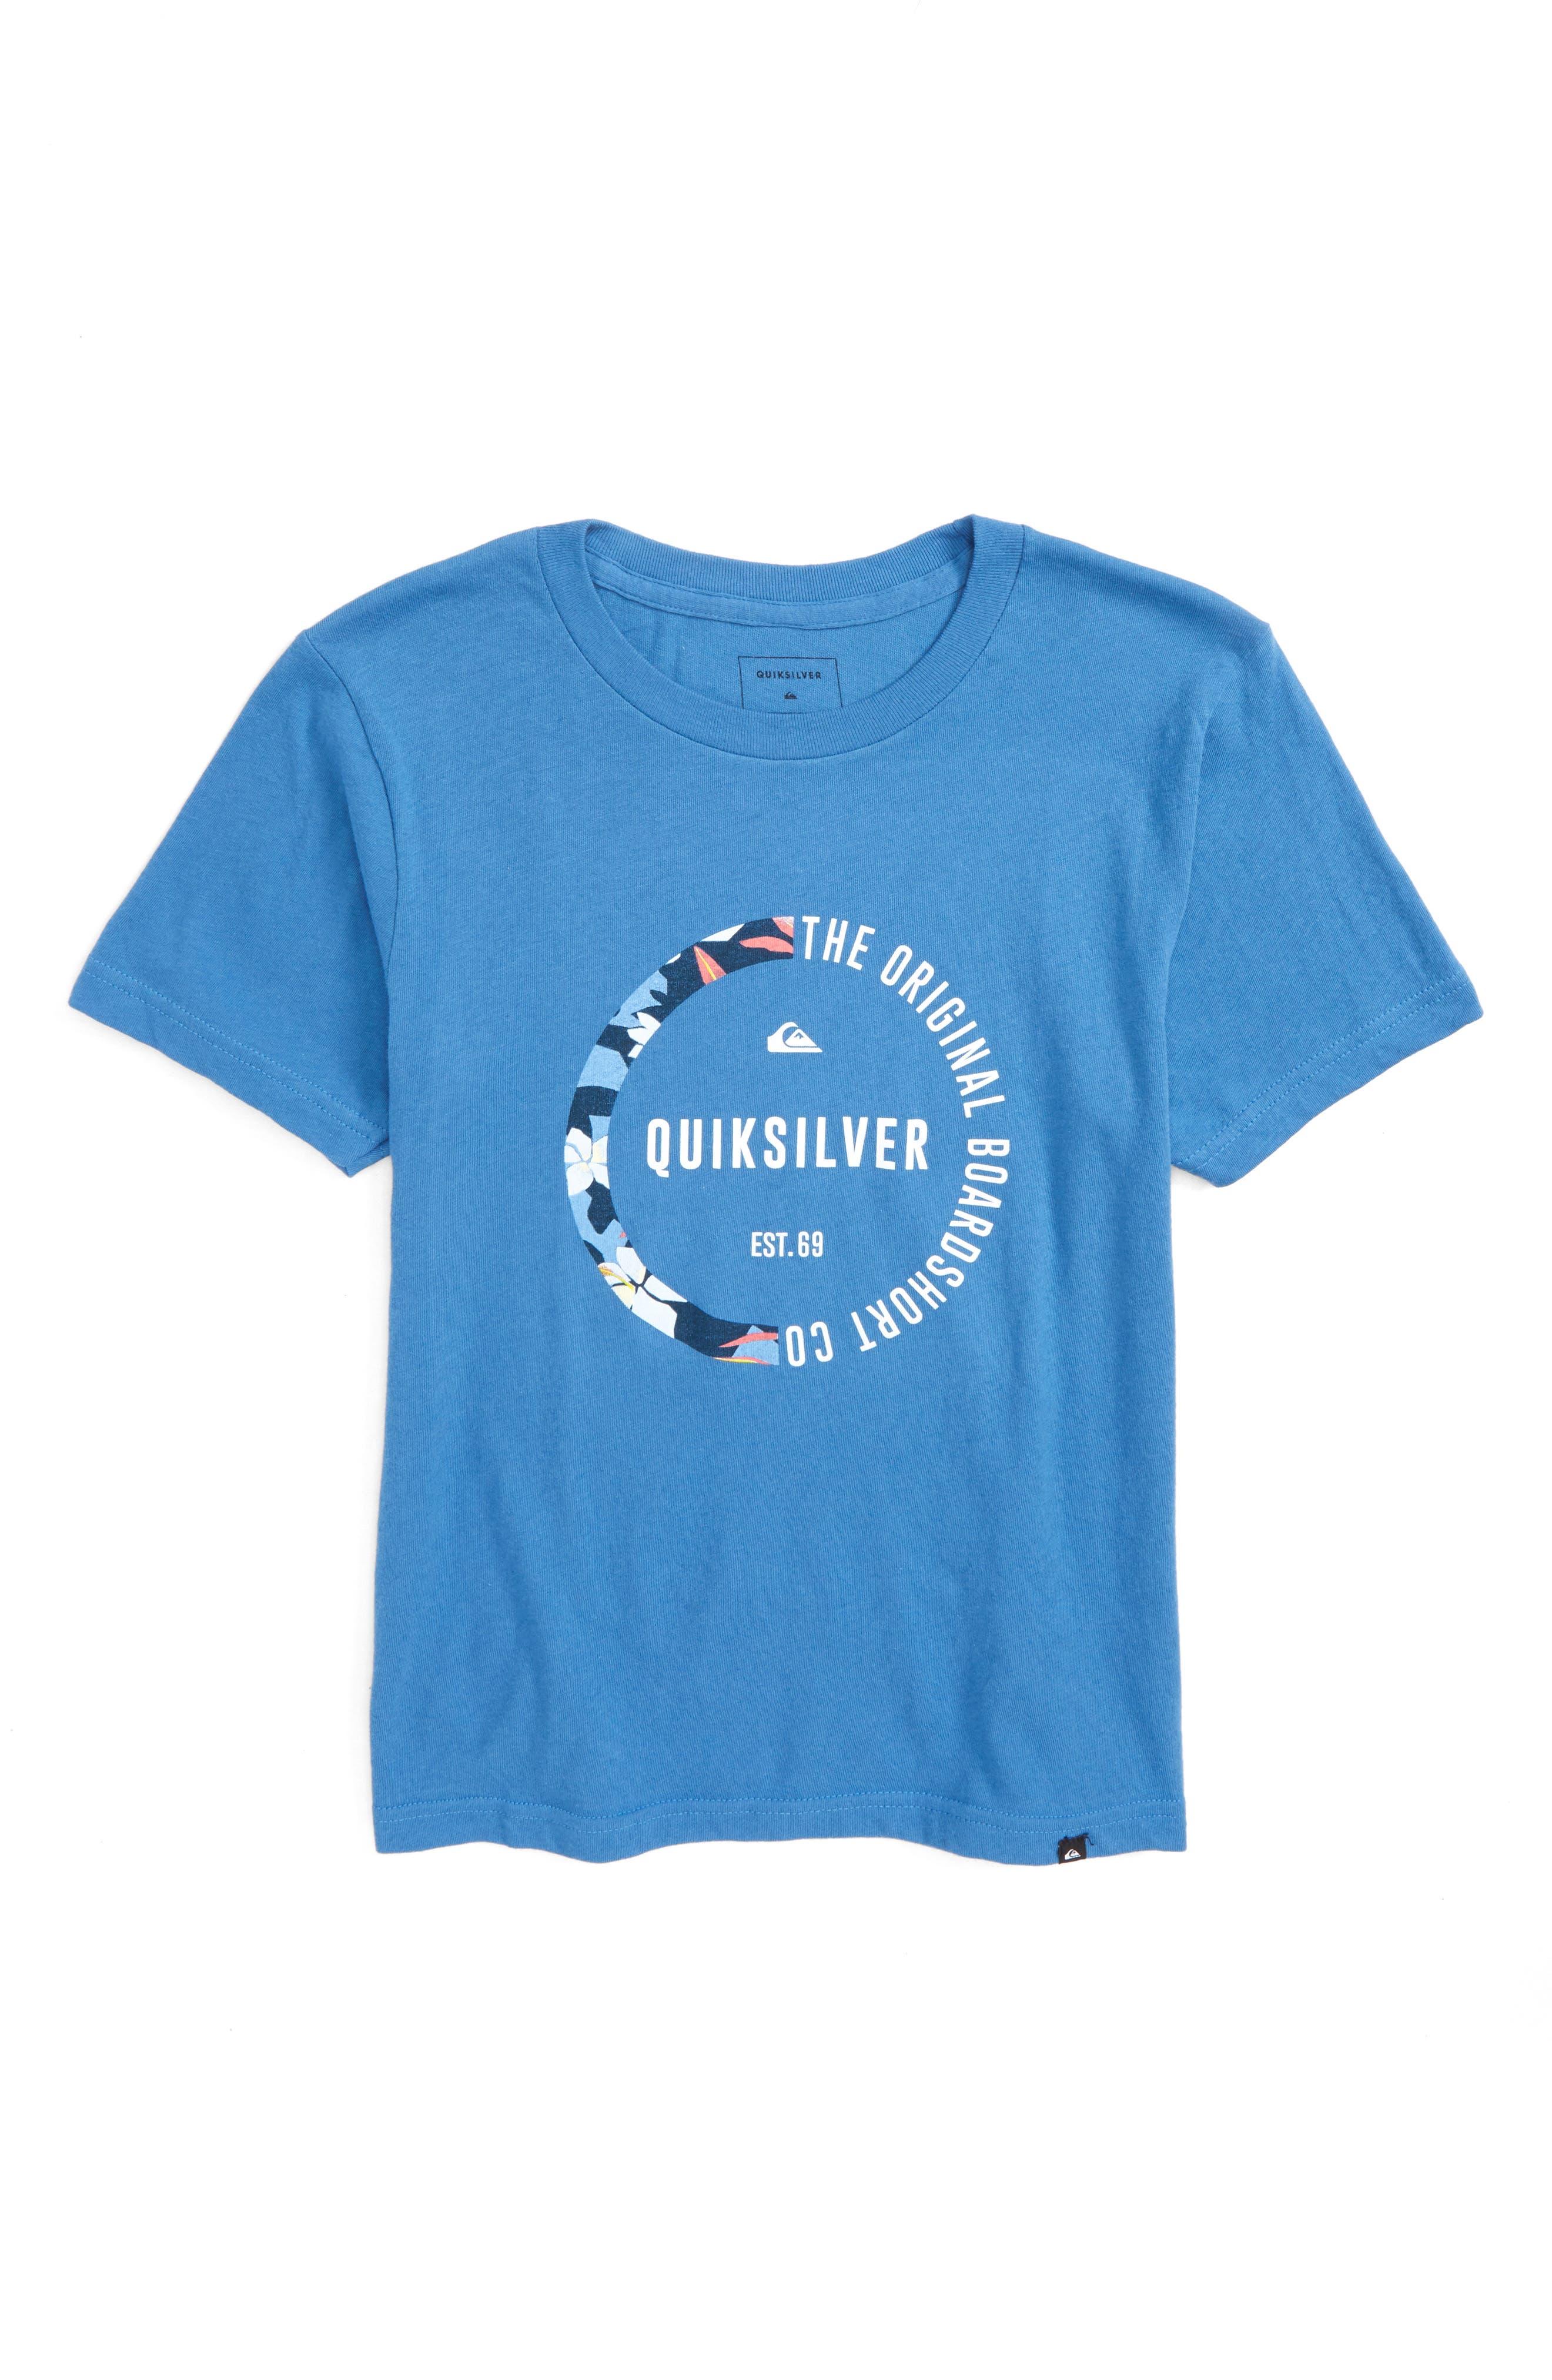 Quiksilver Revenge Graphic T-Shirt (Big Boys)